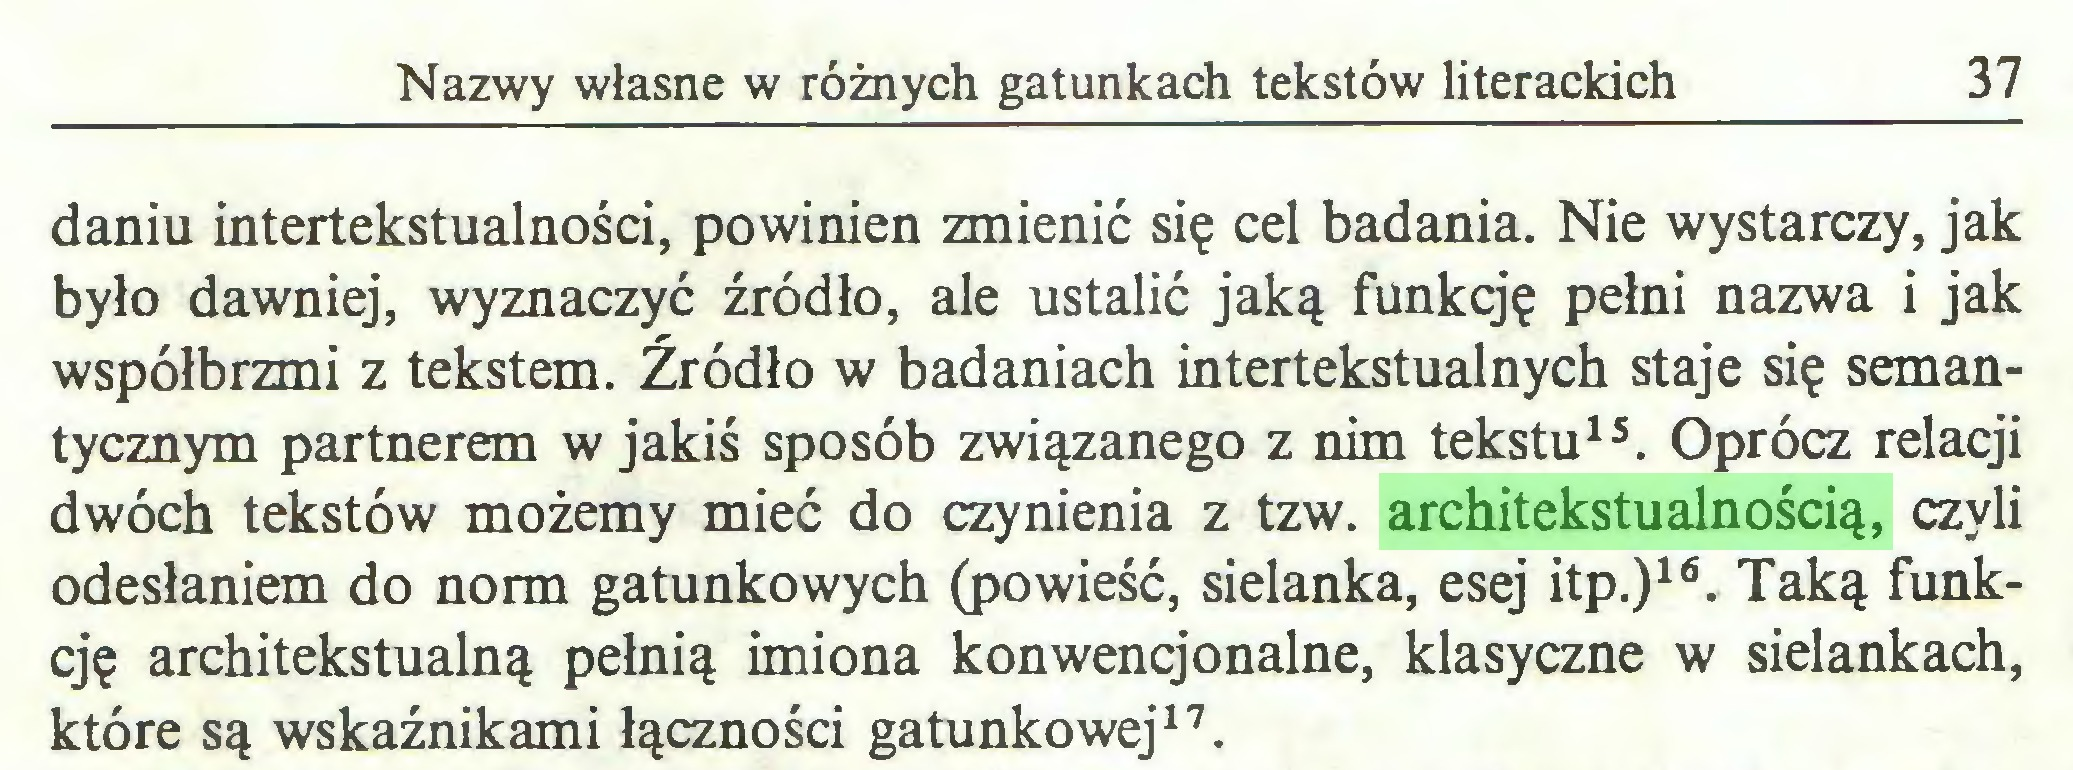 (...) Nazwy własne w różnych gatunkach tekstów literackich 37 daniu intertekstualności, powinien zmienić się cel badania. Nie wystarczy, jak było dawniej, wyznaczyć źródło, ale ustalić jaką funkcję pełni nazwa i jak współbrzmi z tekstem. Źródło w badaniach intertekstualnych staje się semantycznym partnerem w jakiś sposób związanego z nim tekstu15. Oprócz relacji dwóch tekstów możemy mieć do czynienia z tzw. architekstualnością, czyli odesłaniem do norm gatunkowych (powieść, sielanka, esej itp.)16. Taką funkcję architekstualną pełnią imiona konwencjonalne, klasyczne w sielankach, które są wskaźnikami łączności gatunkowej17...